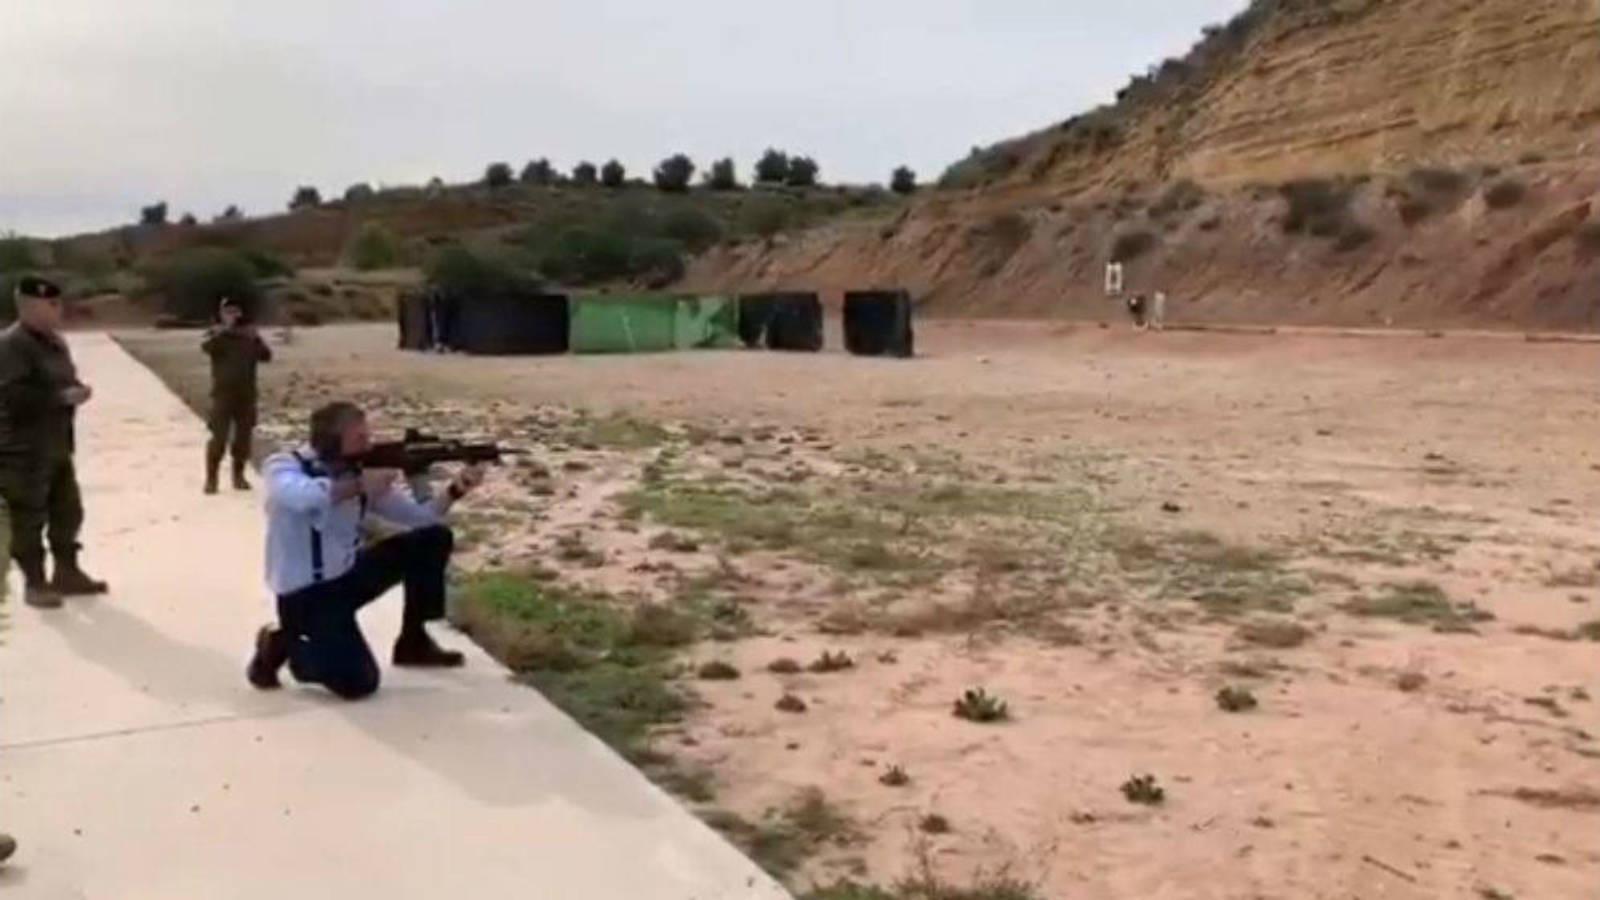 El secretario general de Vox, Javier Ortega Smith, disparando en una base militar en Murcia.